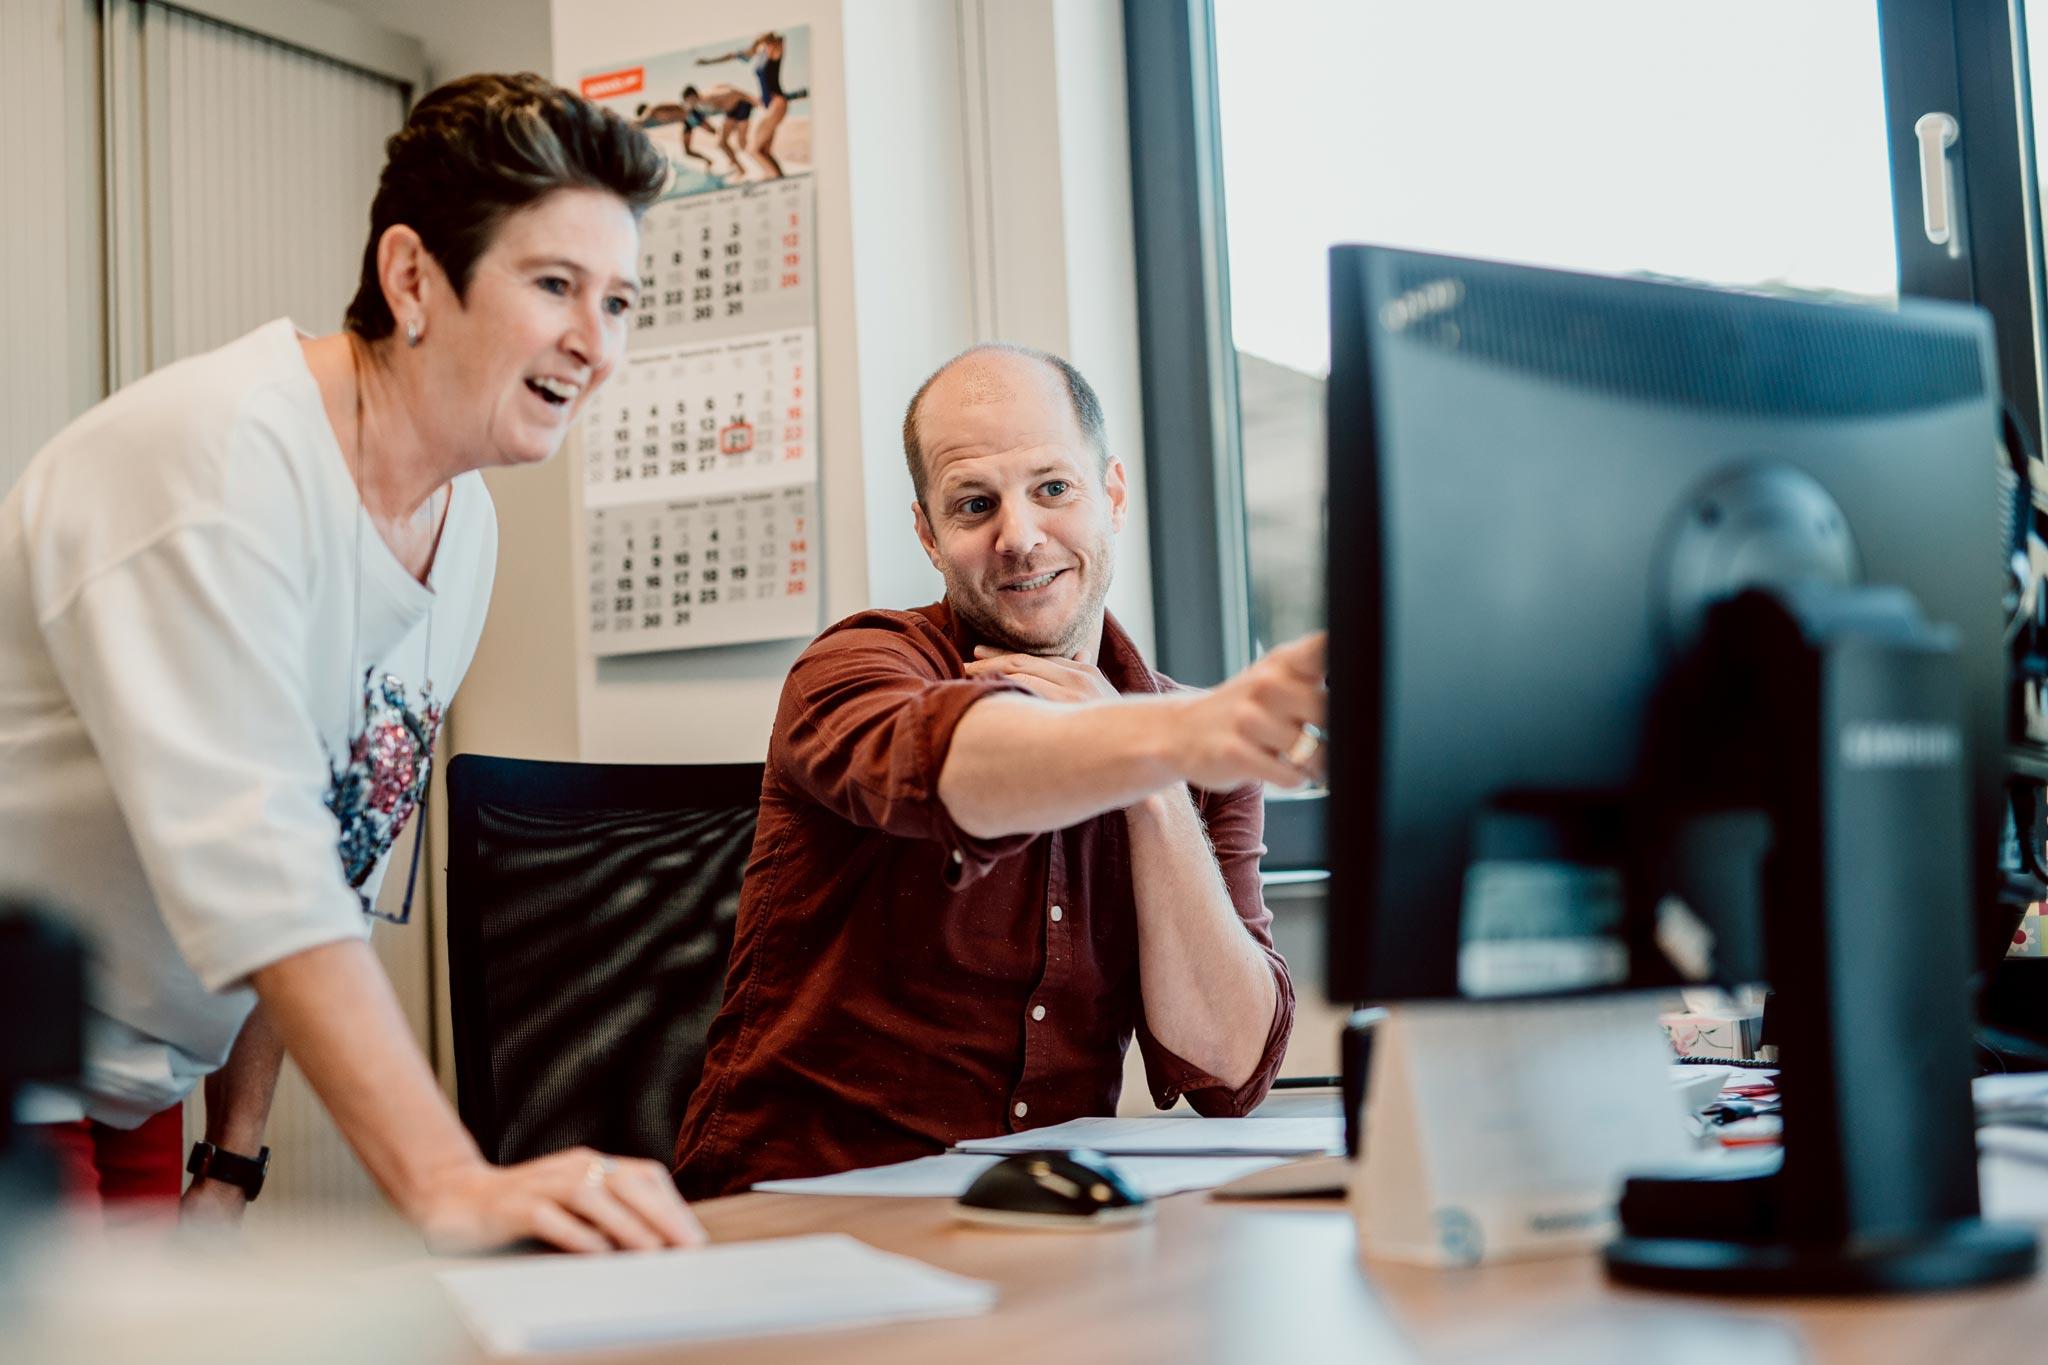 Des employés d'All Sport qui traitent des demandes d'exportation à l'aide d'un ordinateur